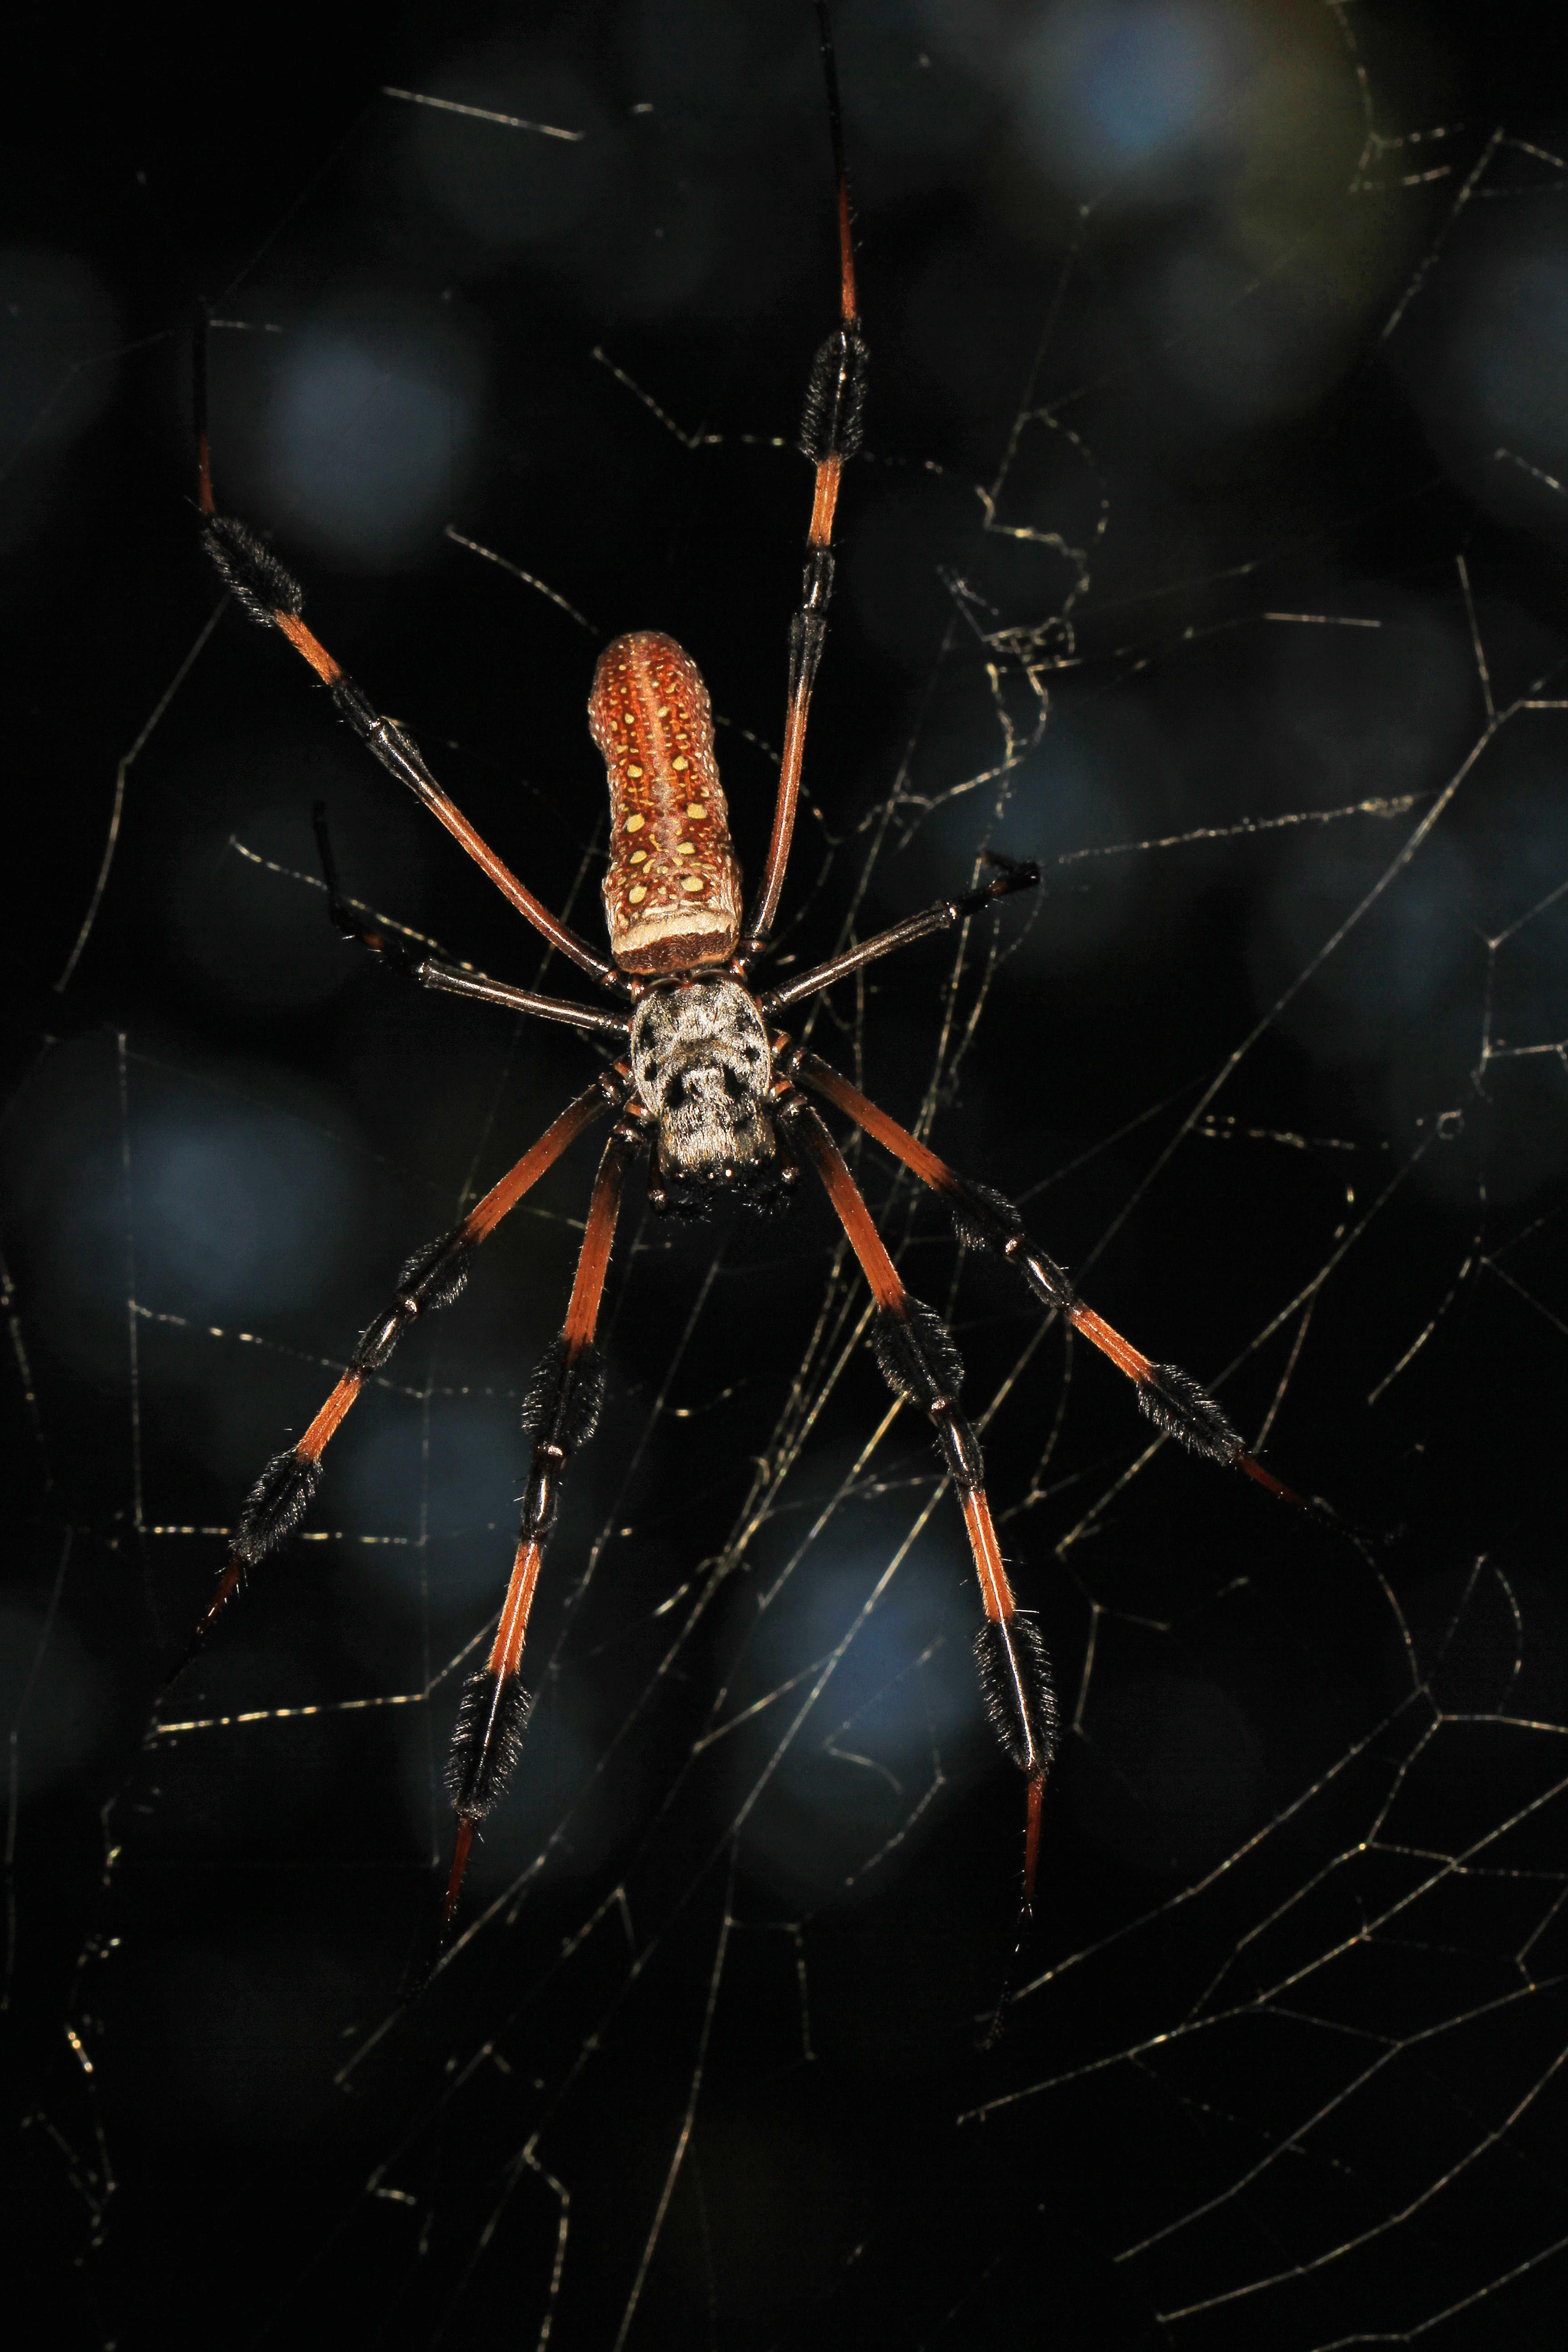 Golden Silk Orb-weaver Spider svg #2, Download drawings